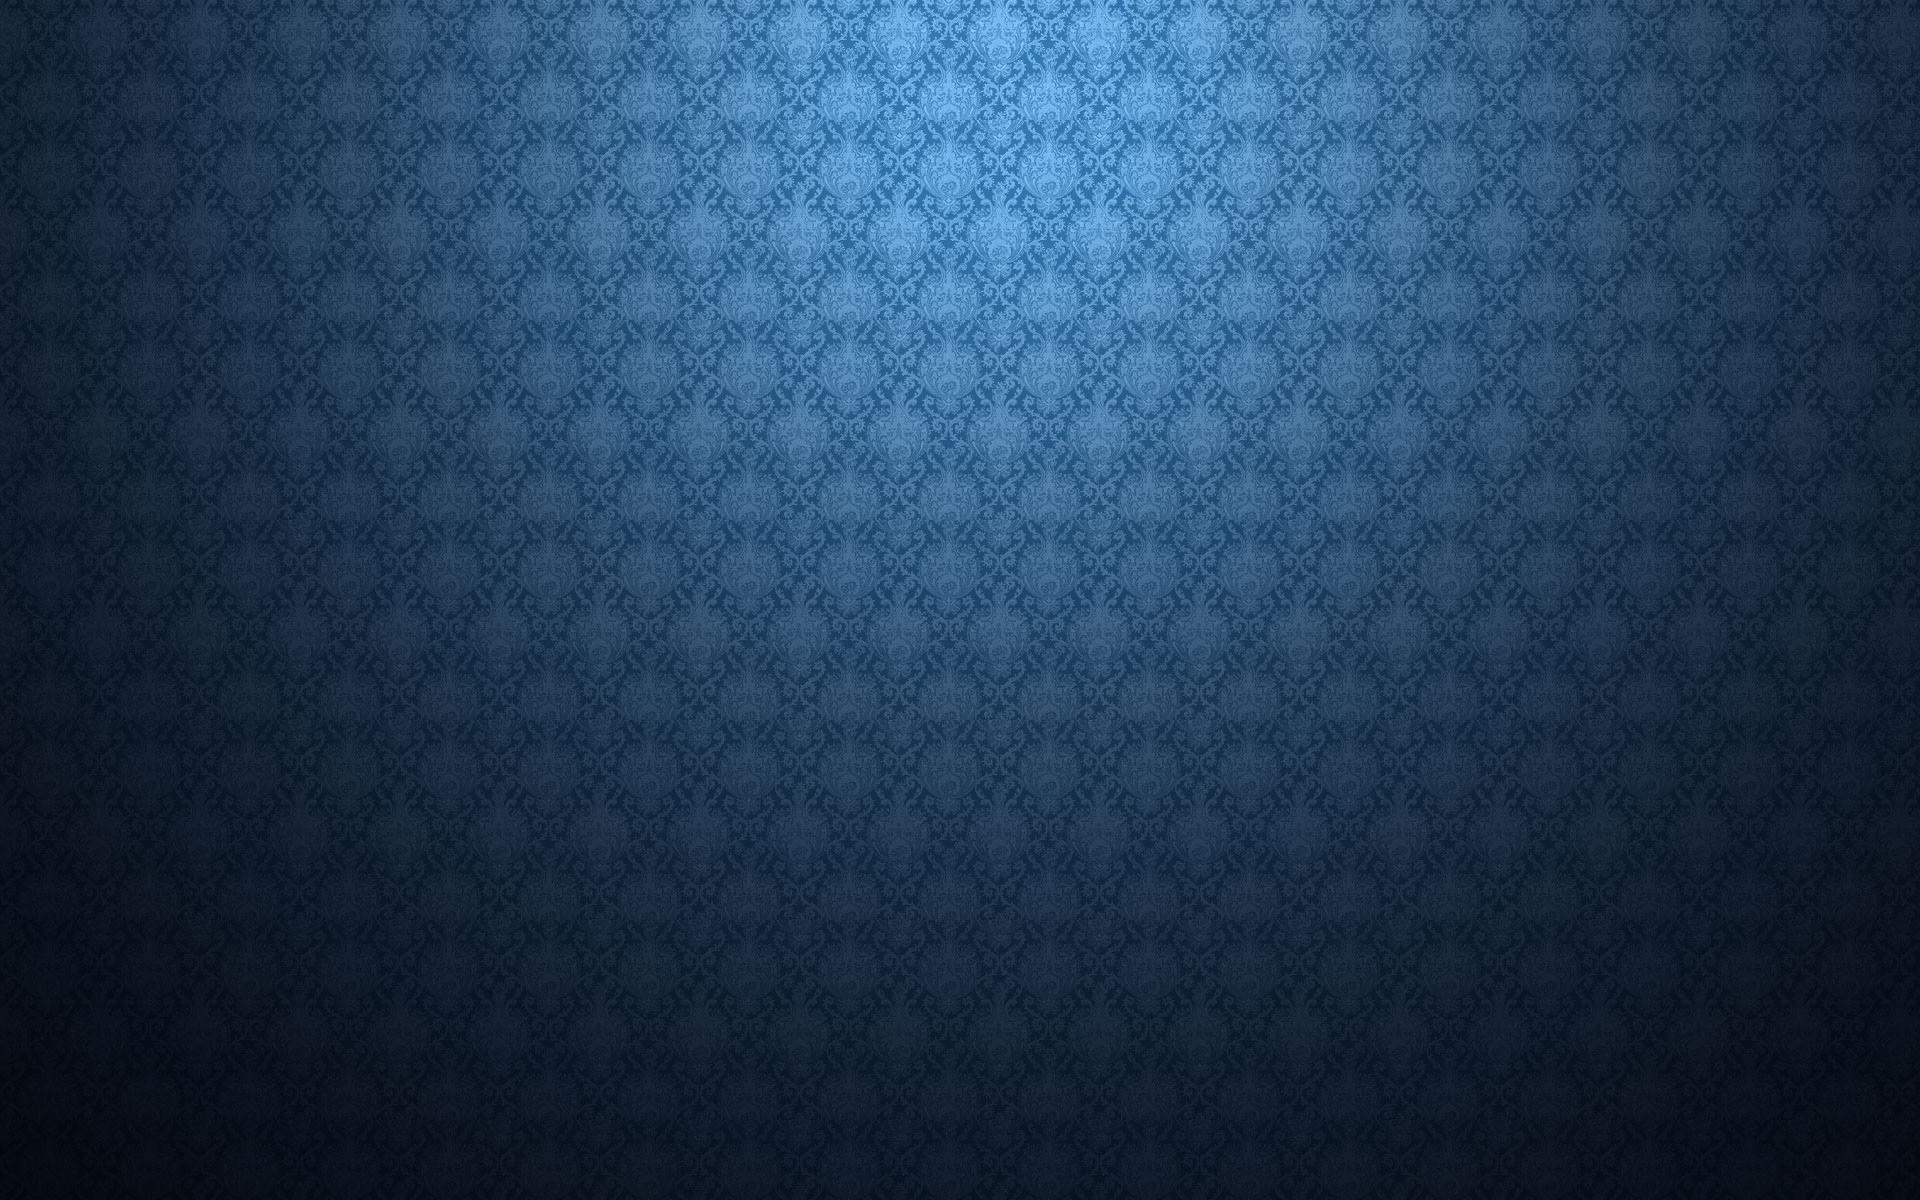 Красивые обои фон синий   подборка 25 картинок (24)